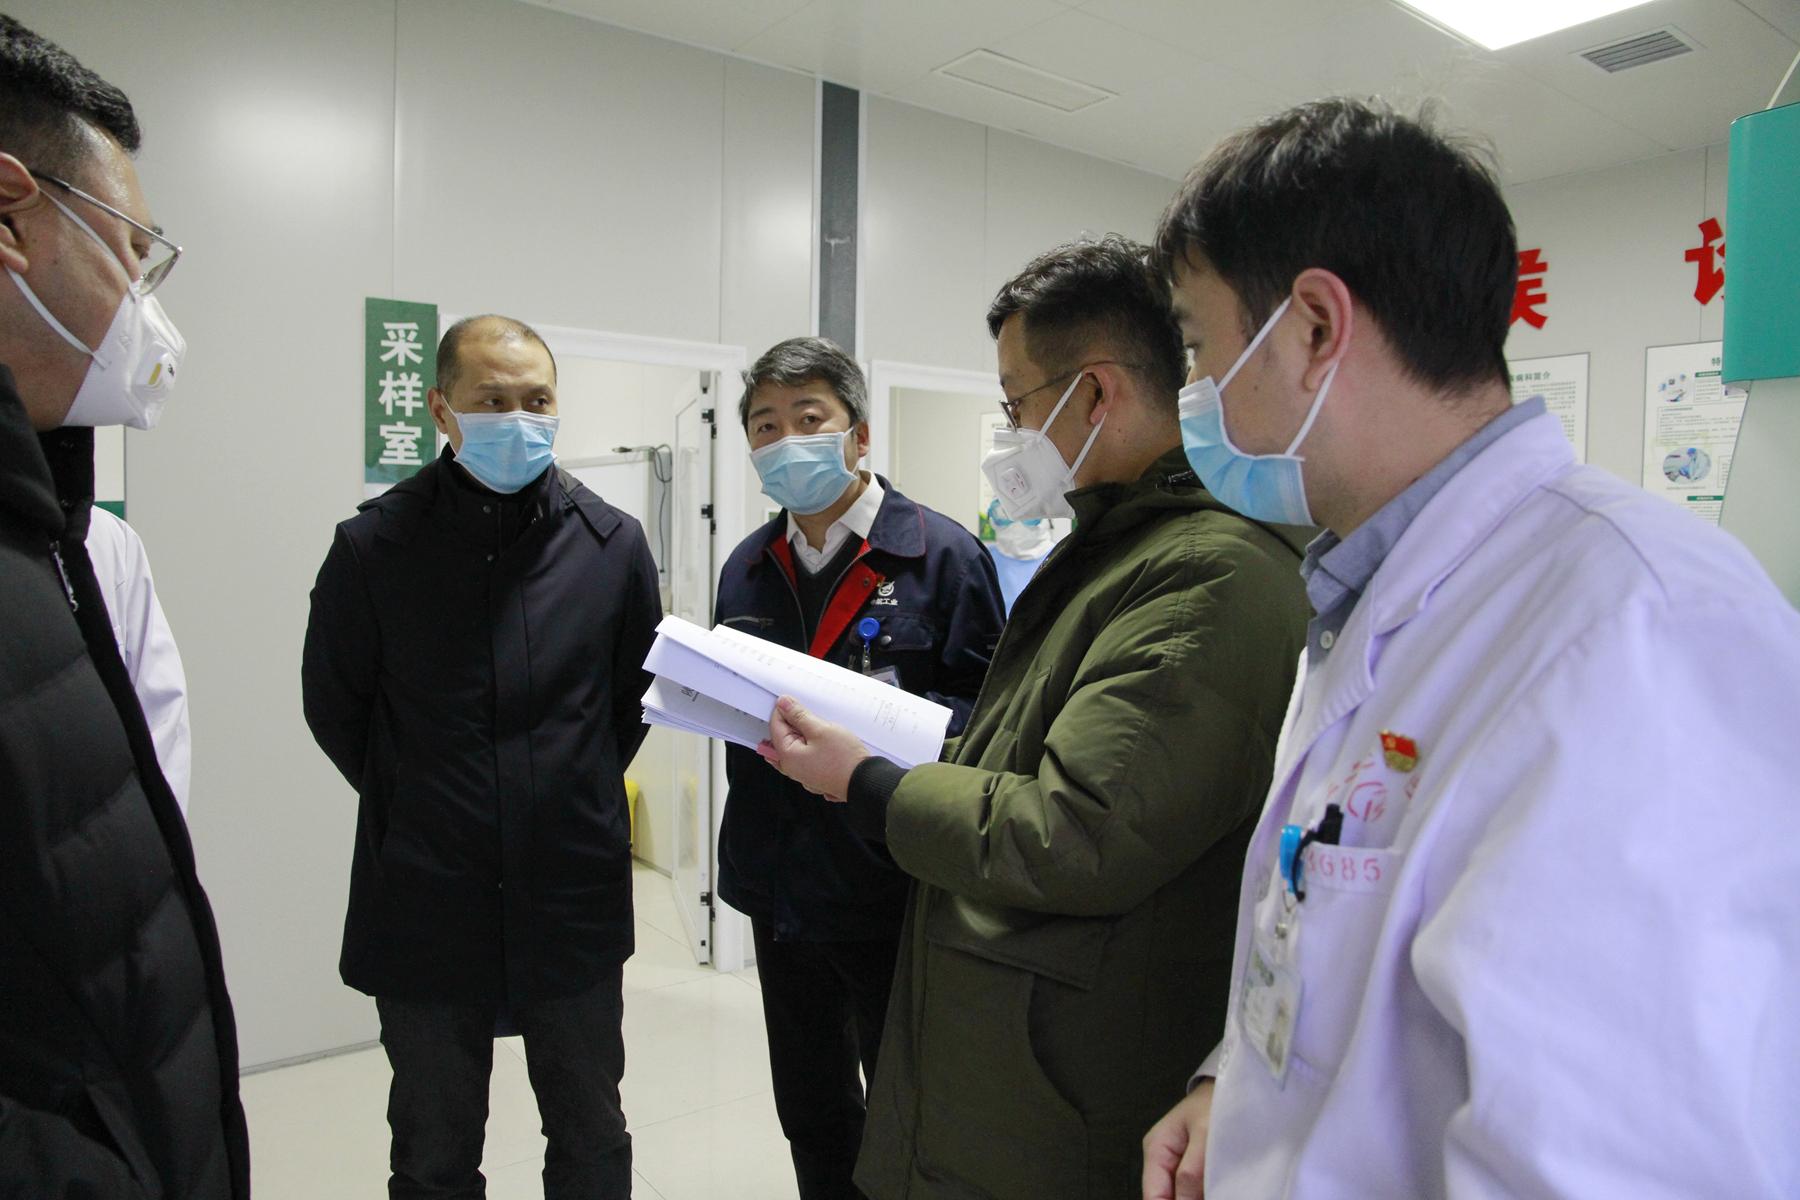 陕西省新型冠状病毒感染肺炎医疗救治工作检查督导组检查3201医院疫情防控救治准备工作